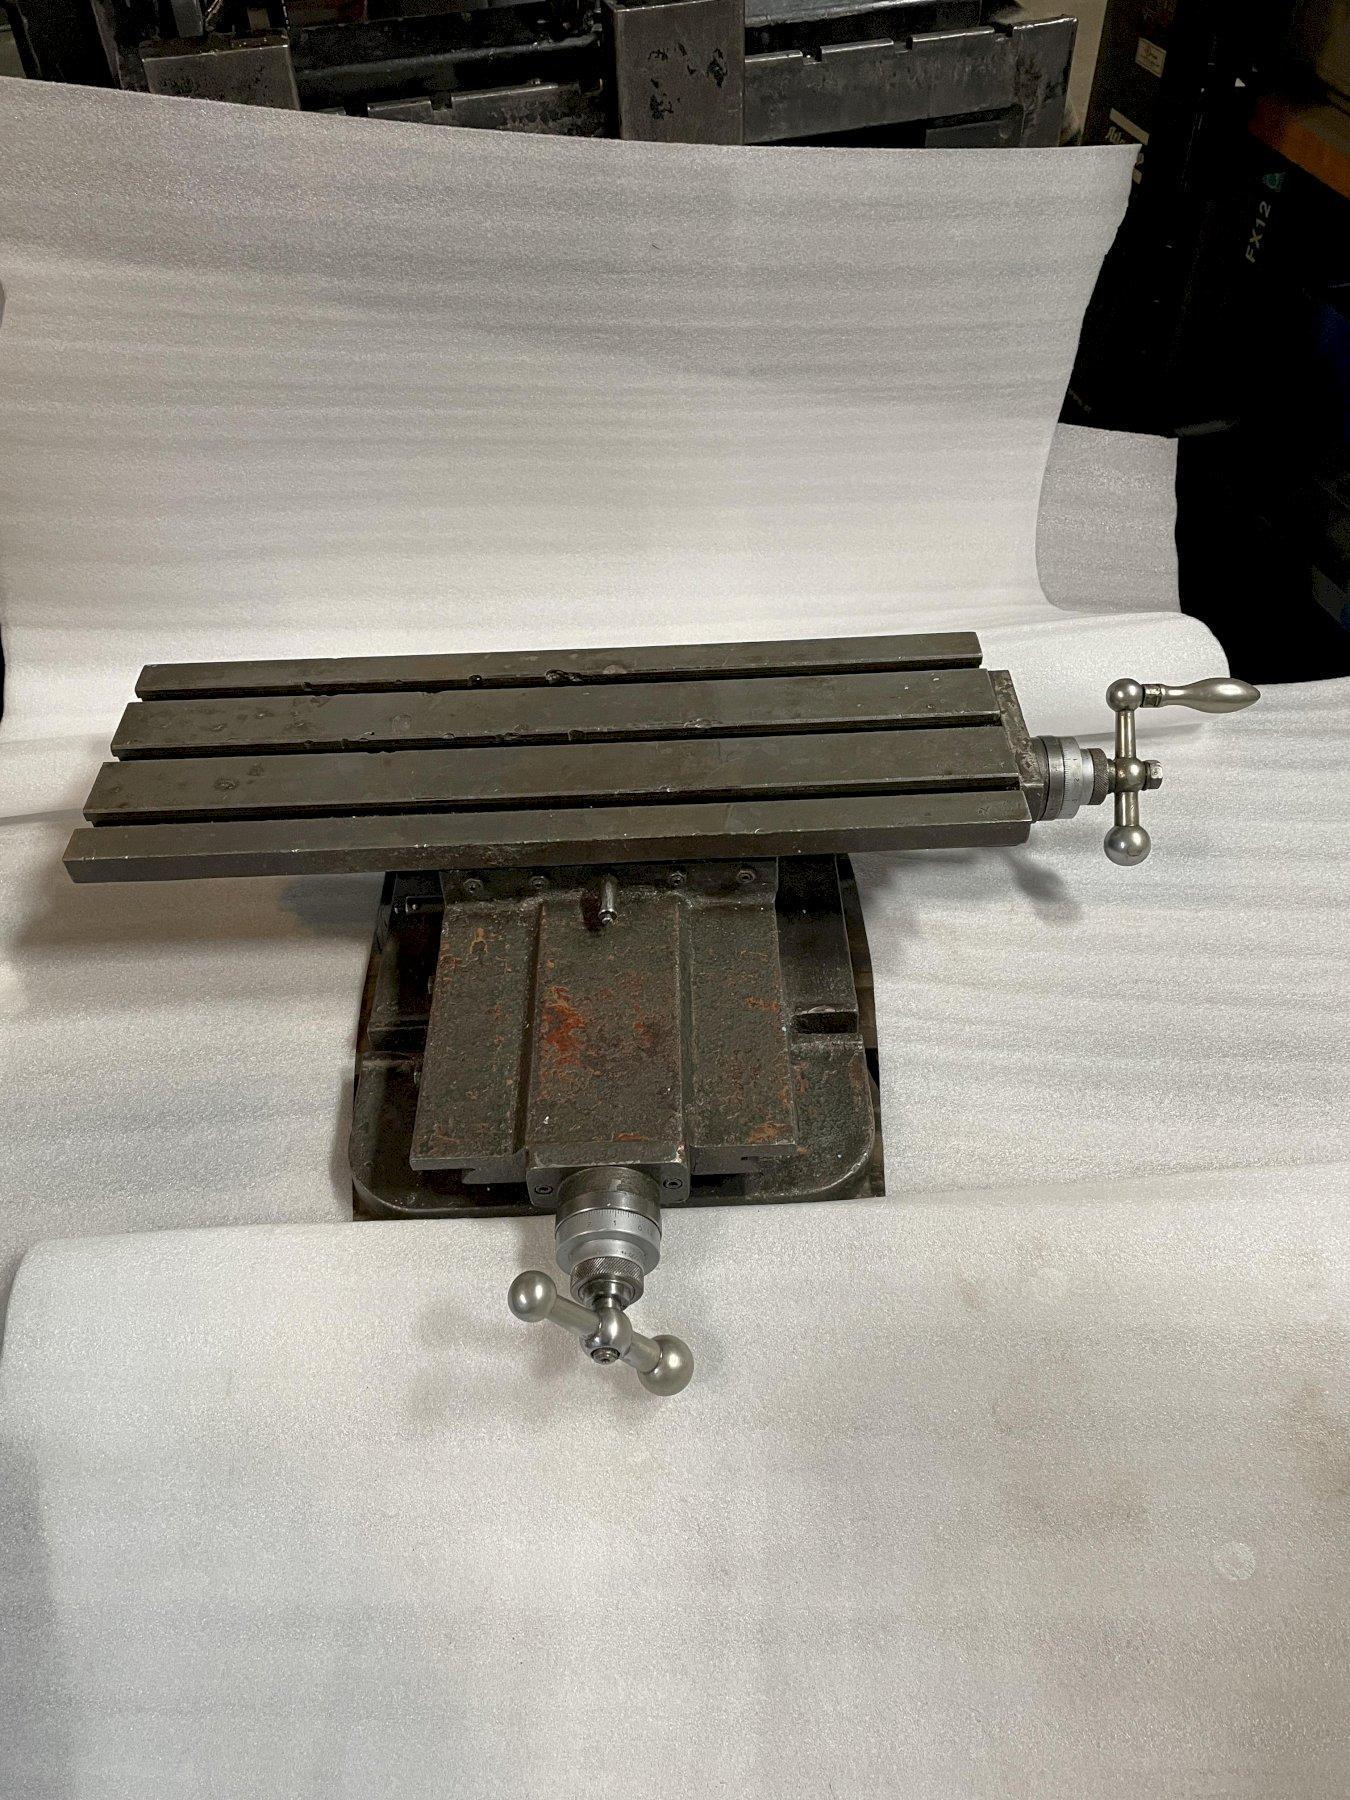 Bridgeport Adjustable Add-On Milling Table